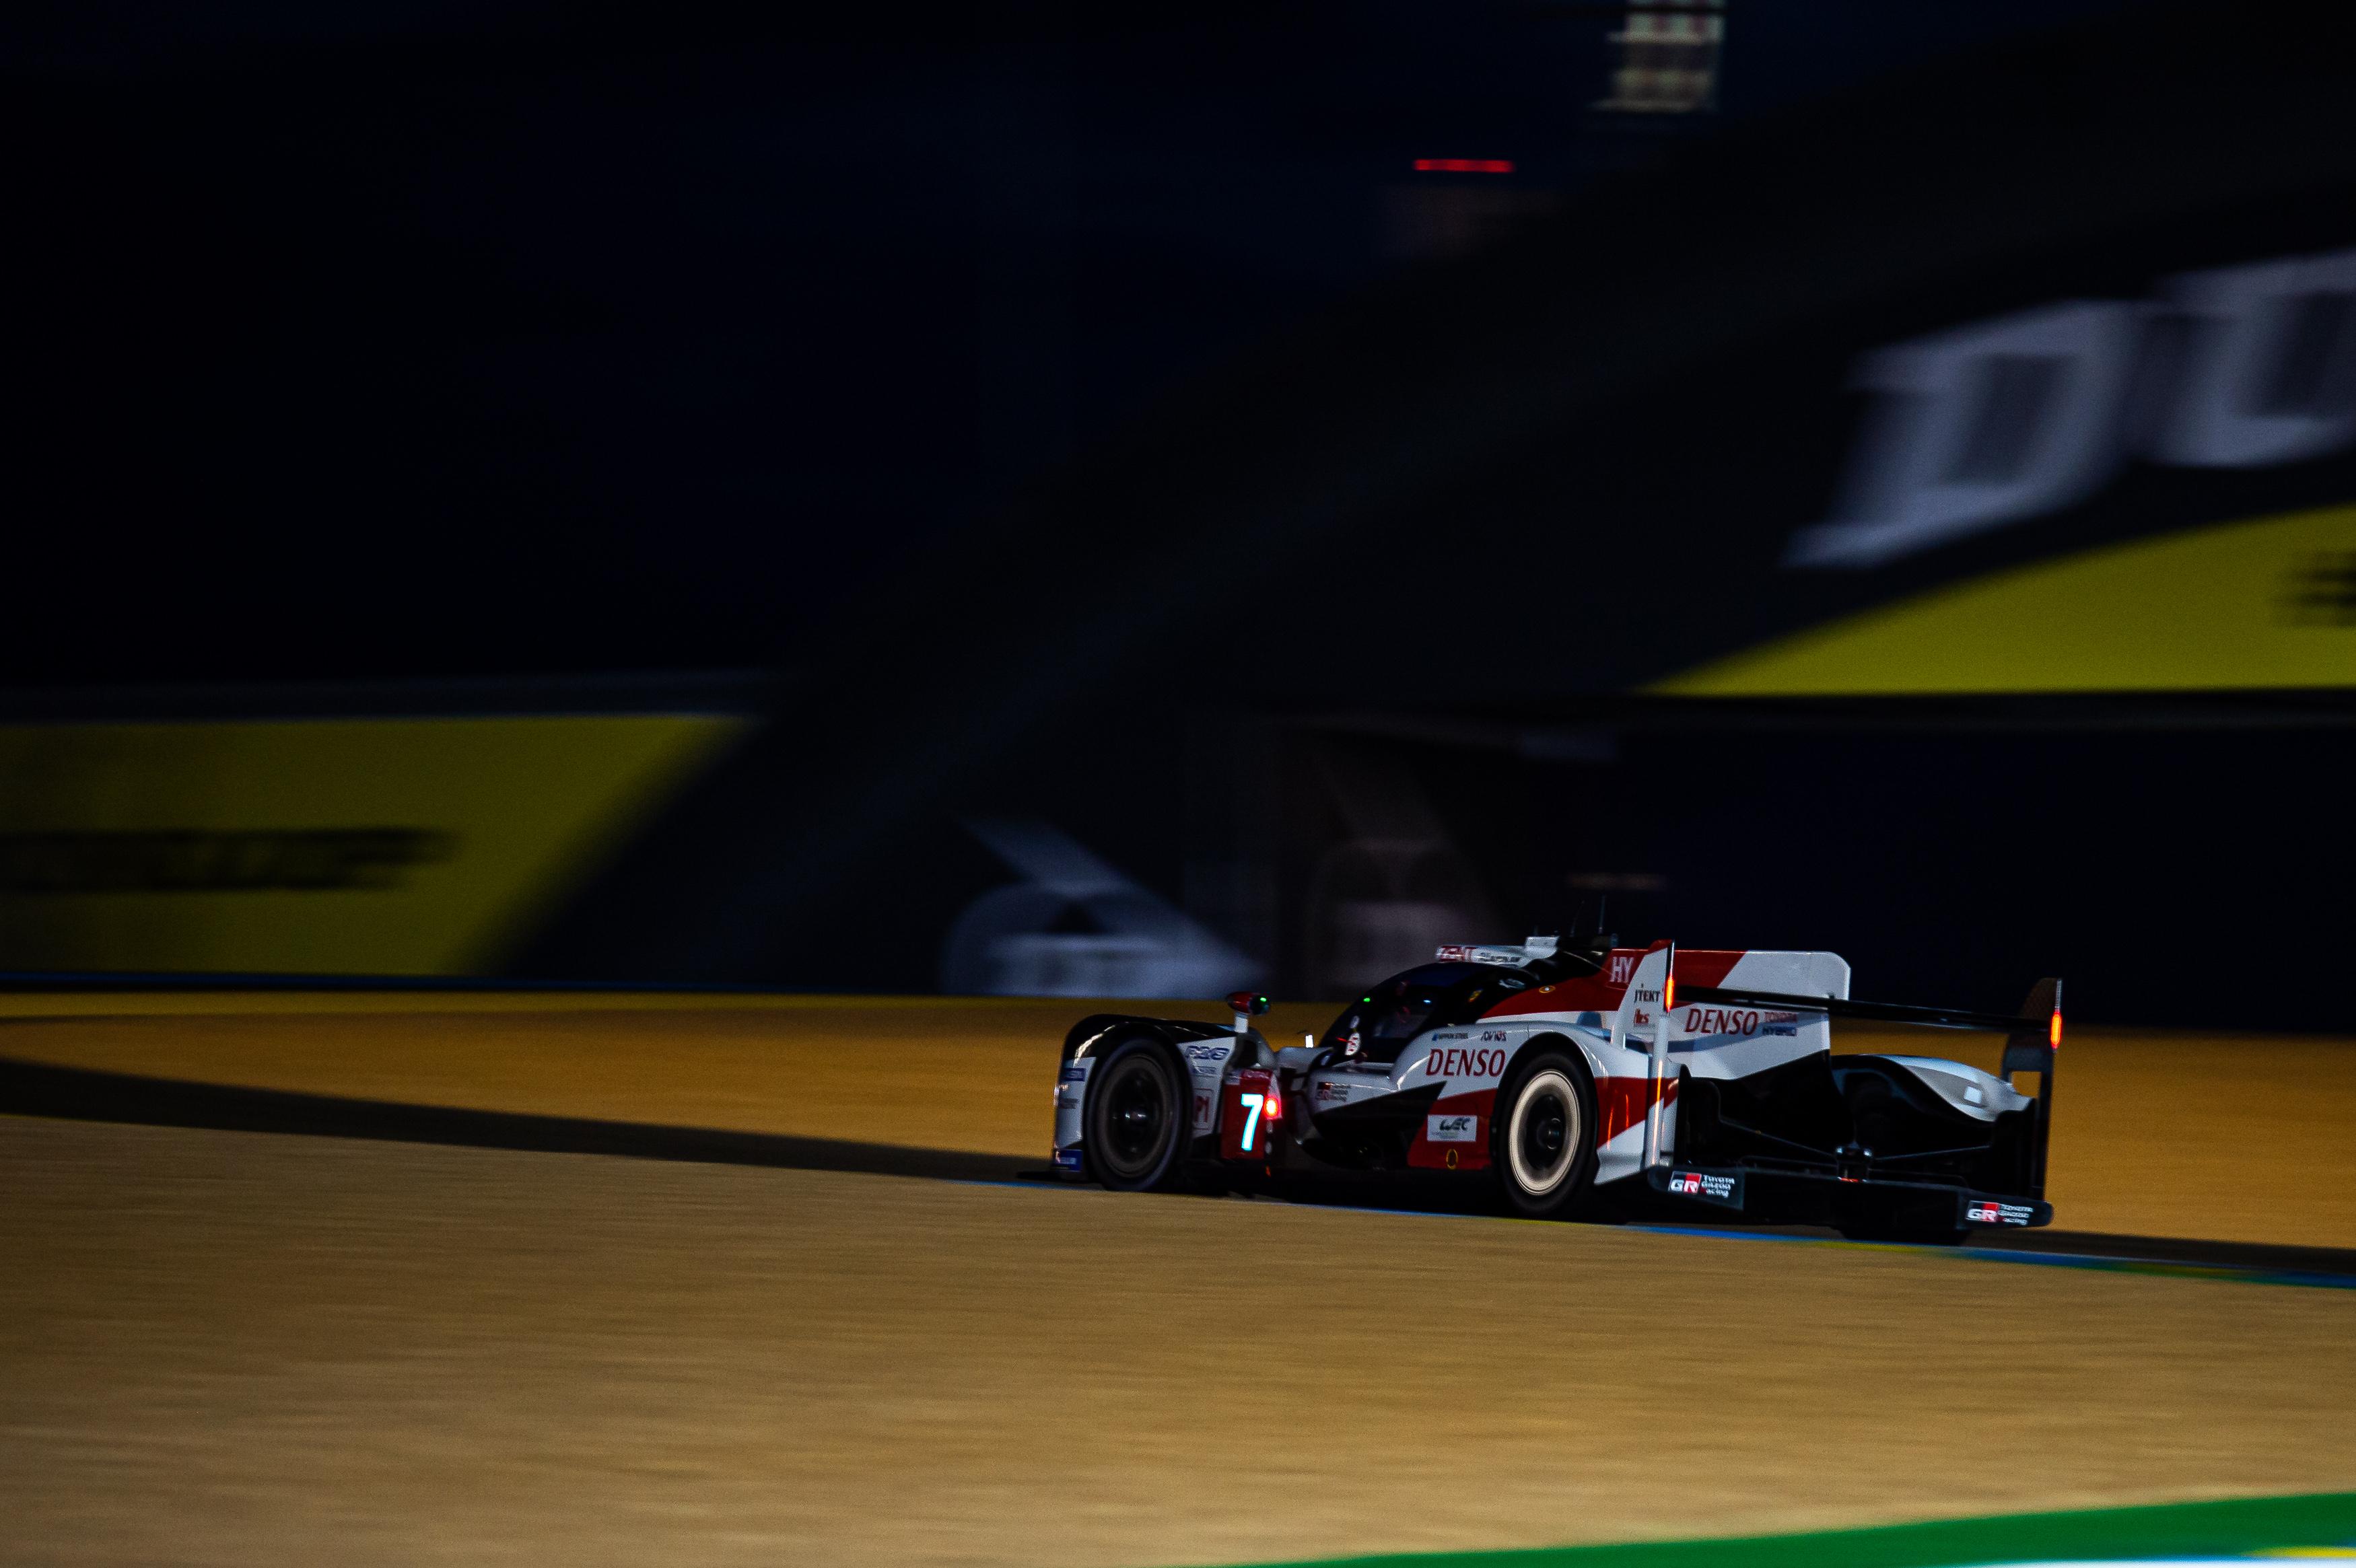 Le Mans Kamui Kobayashi Schraubt Die Bestzeit Nach Unten